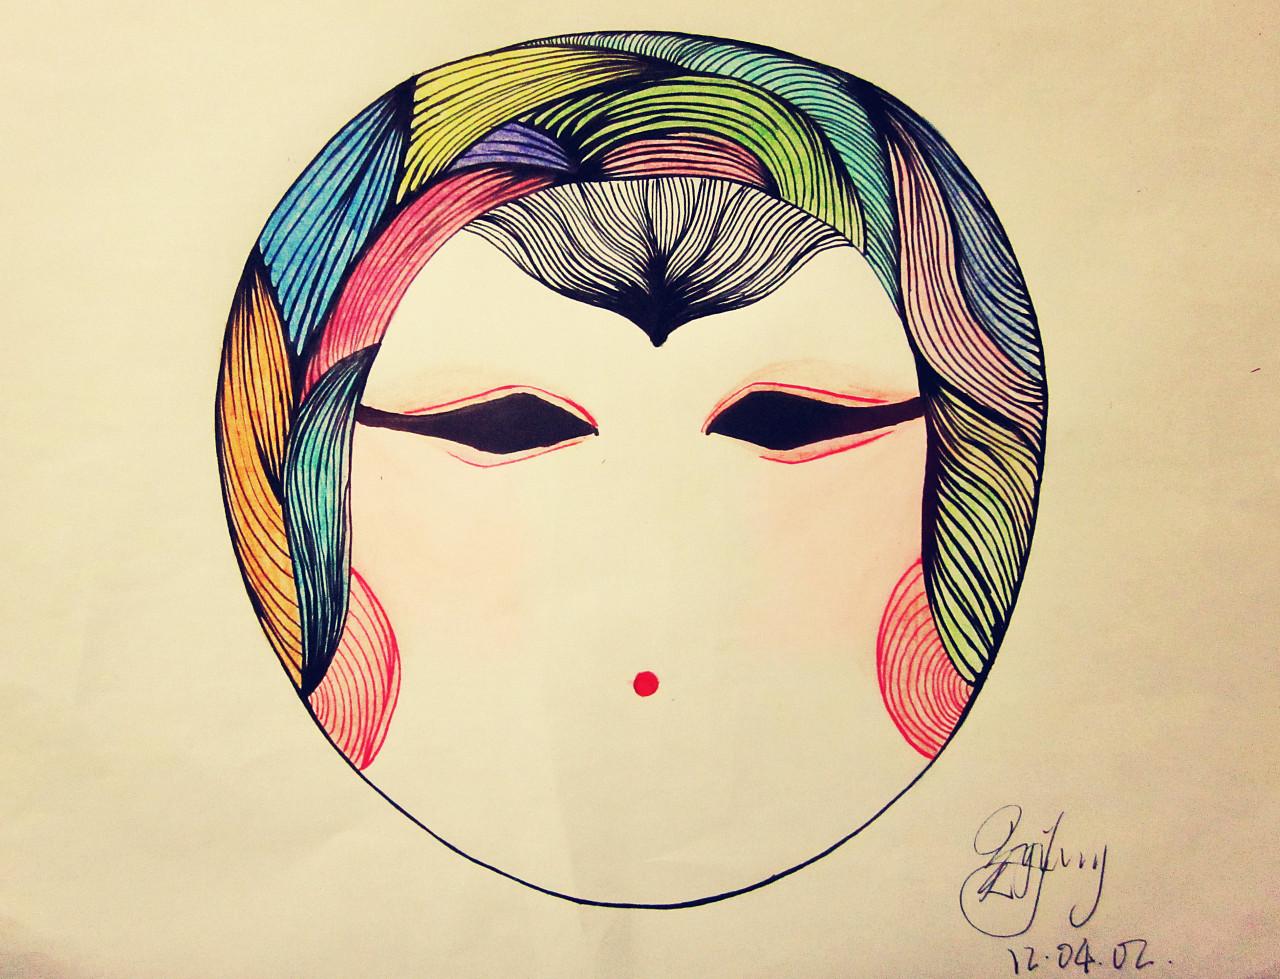 这是一张像日本娃娃又像戏剧脸谱妆容的脸部手绘